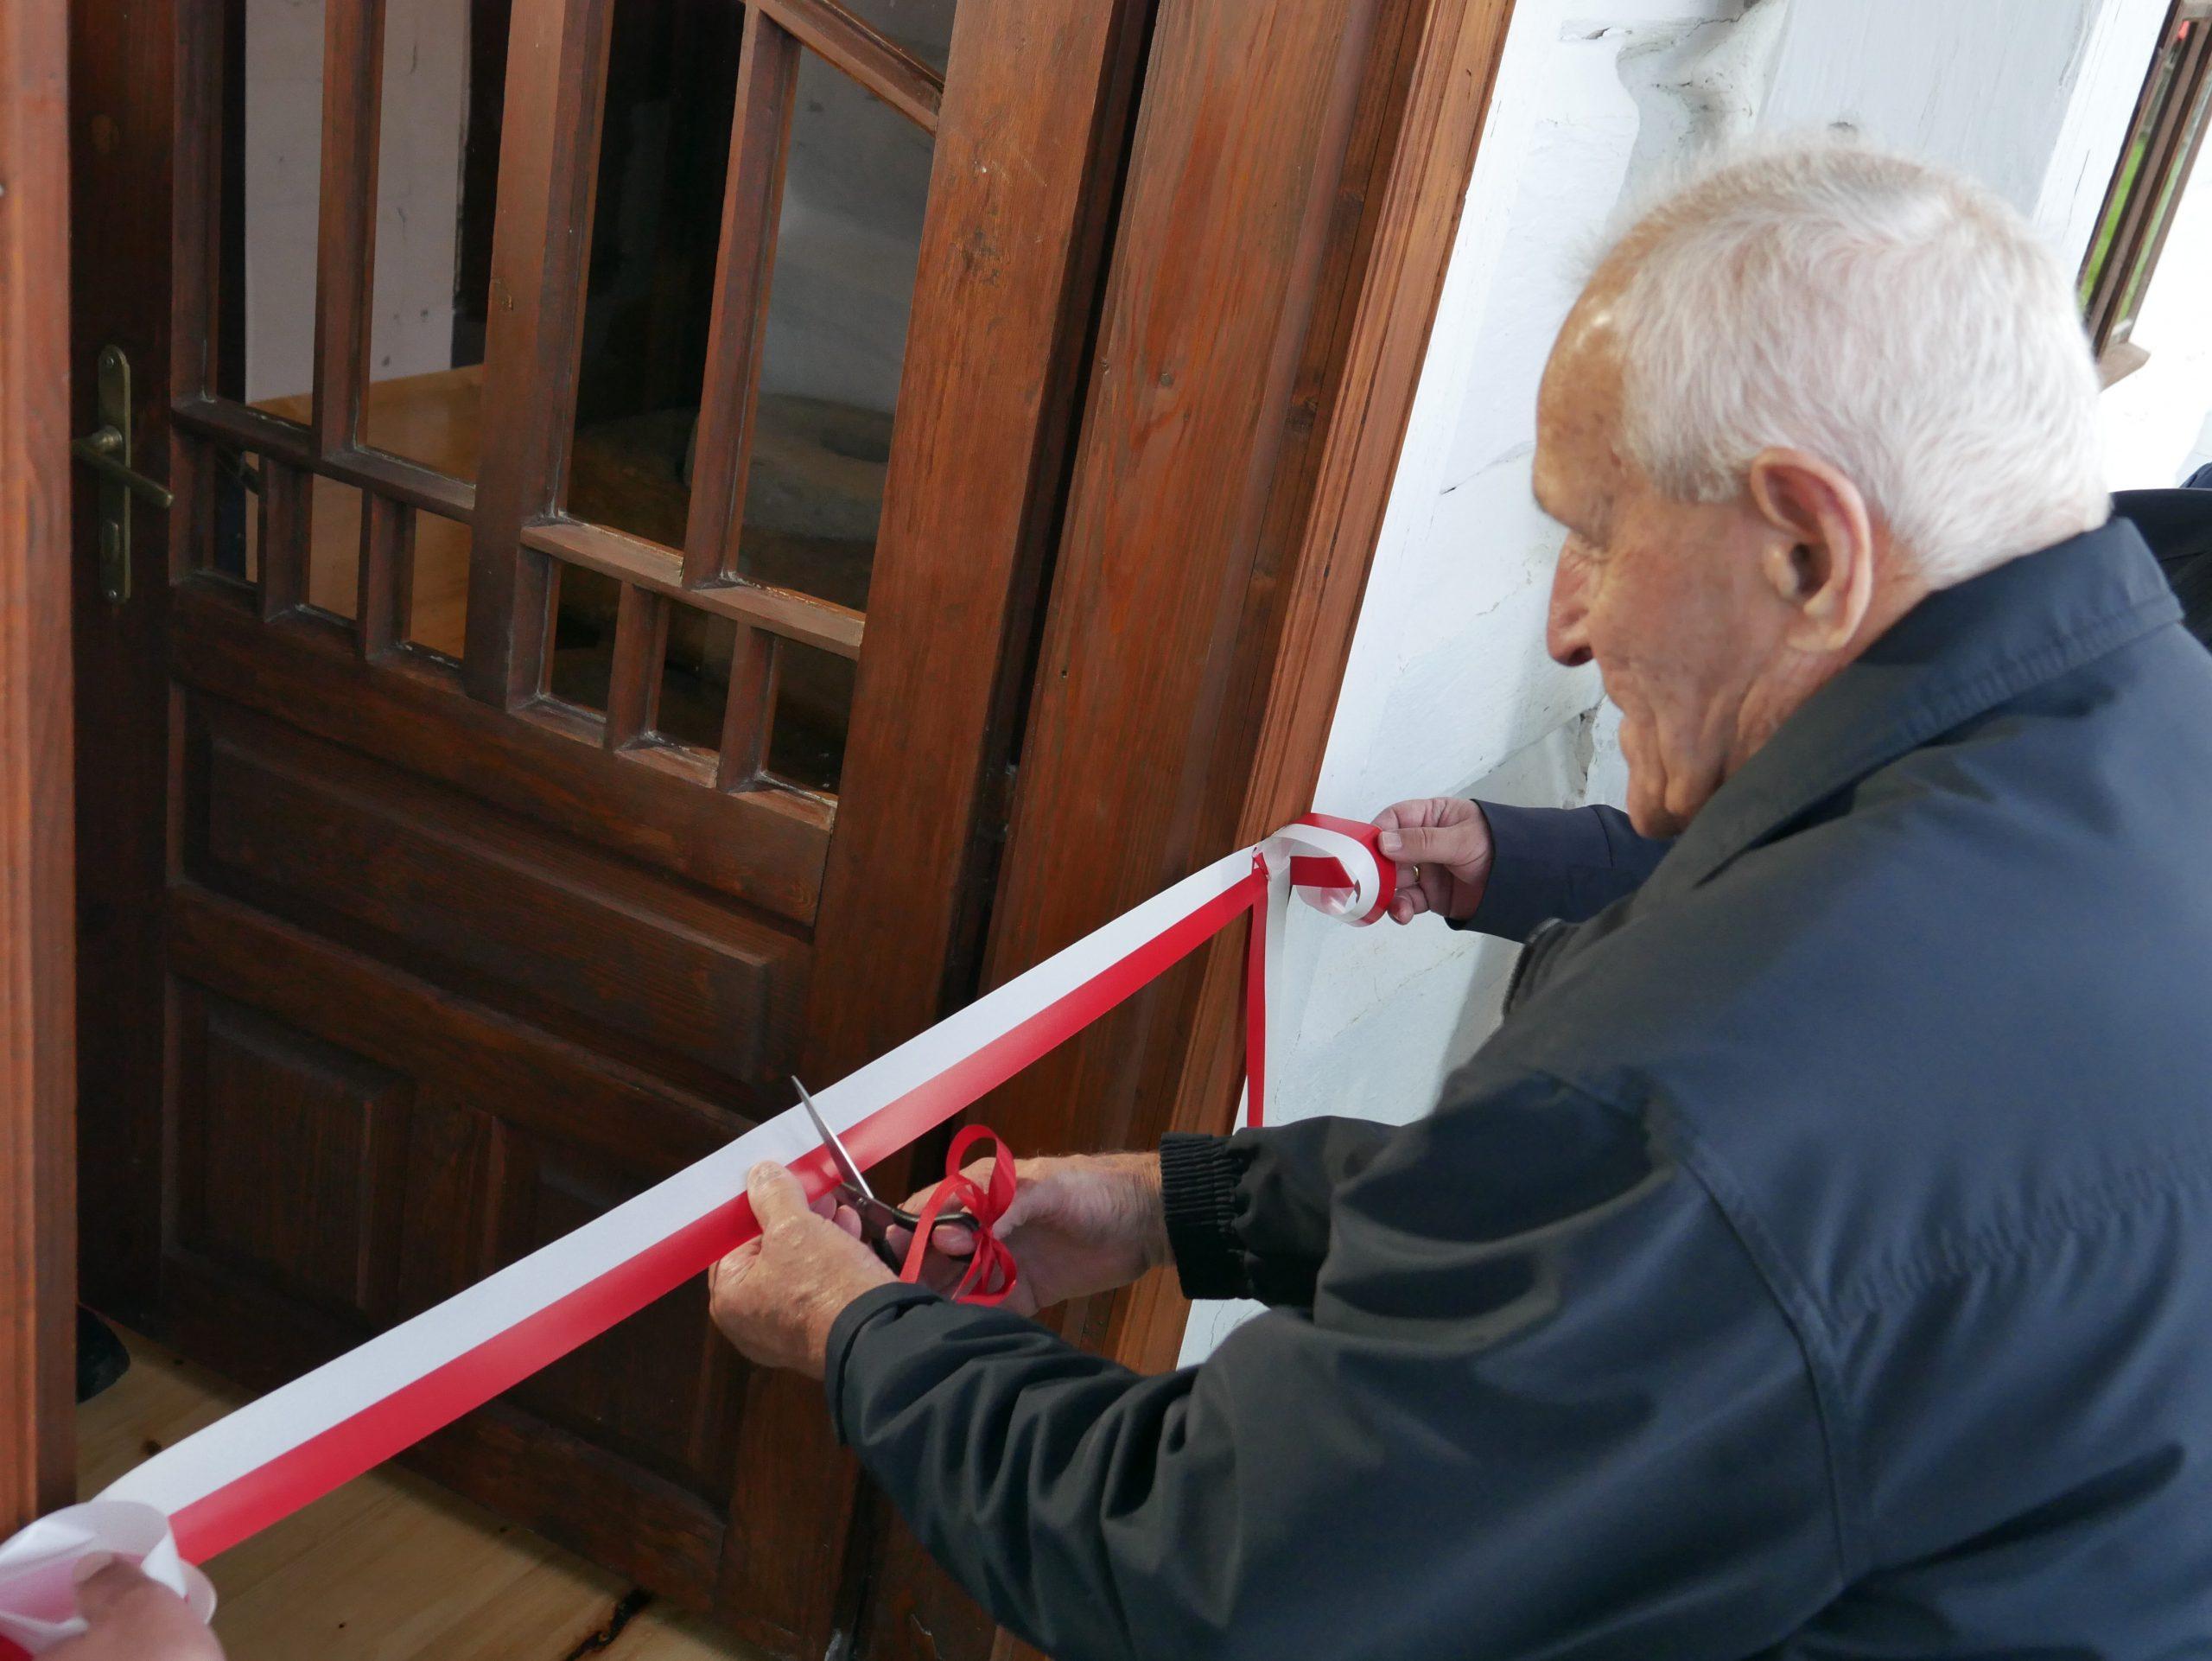 Pan Eugeniusz Szylar przeciwna wstęgę, otwierając w ten sposób Chałupę Szylarów.